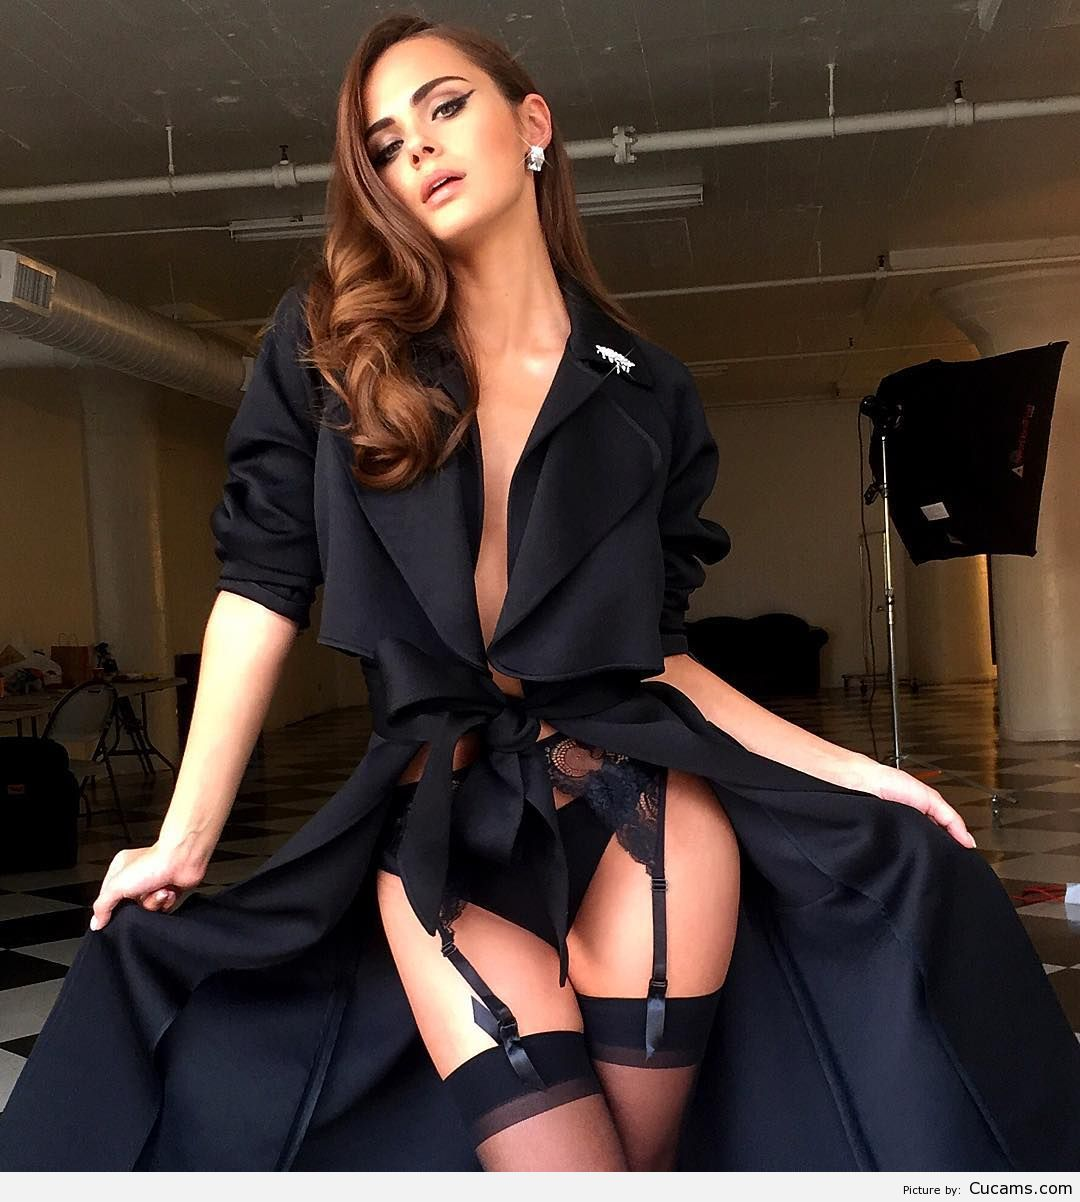 Cucams Woman Panties by cucams.com